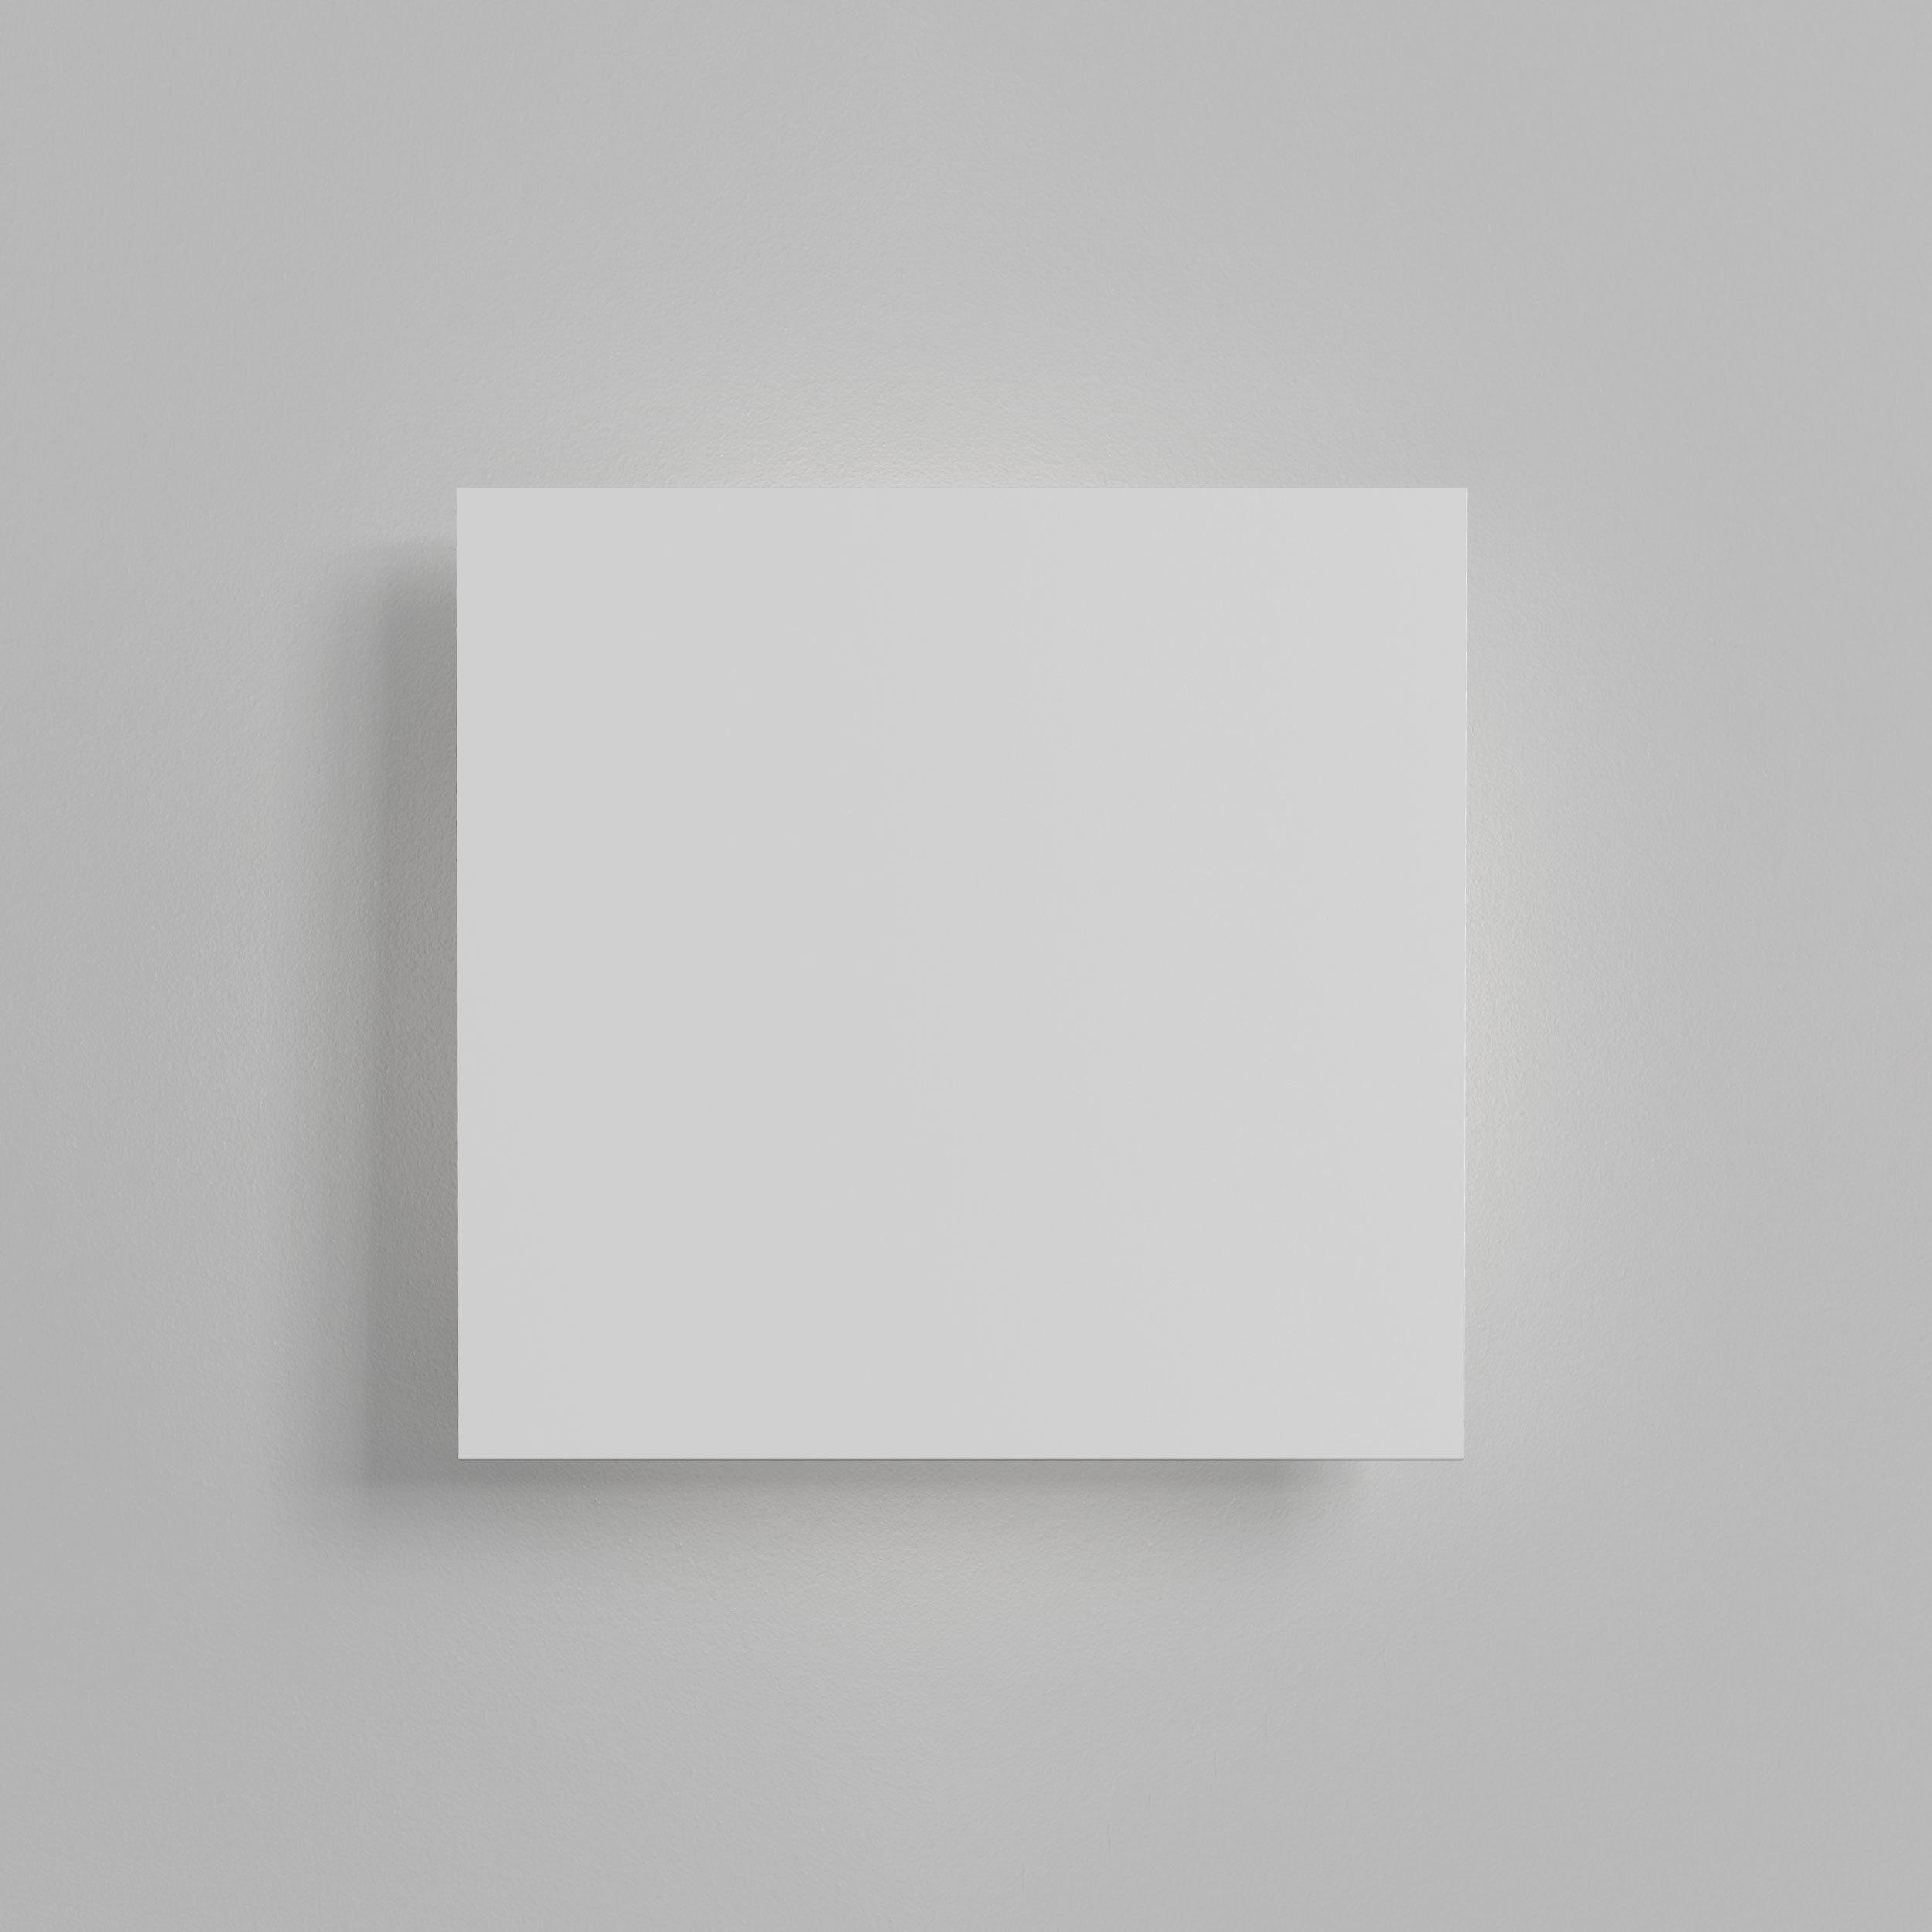 Настенный светодиодный светильник Astro Eclipse 1333004 (7610), LED 12,2W 2700K 576.35lm CRI60, белый, под покраску, гипс - фото 2